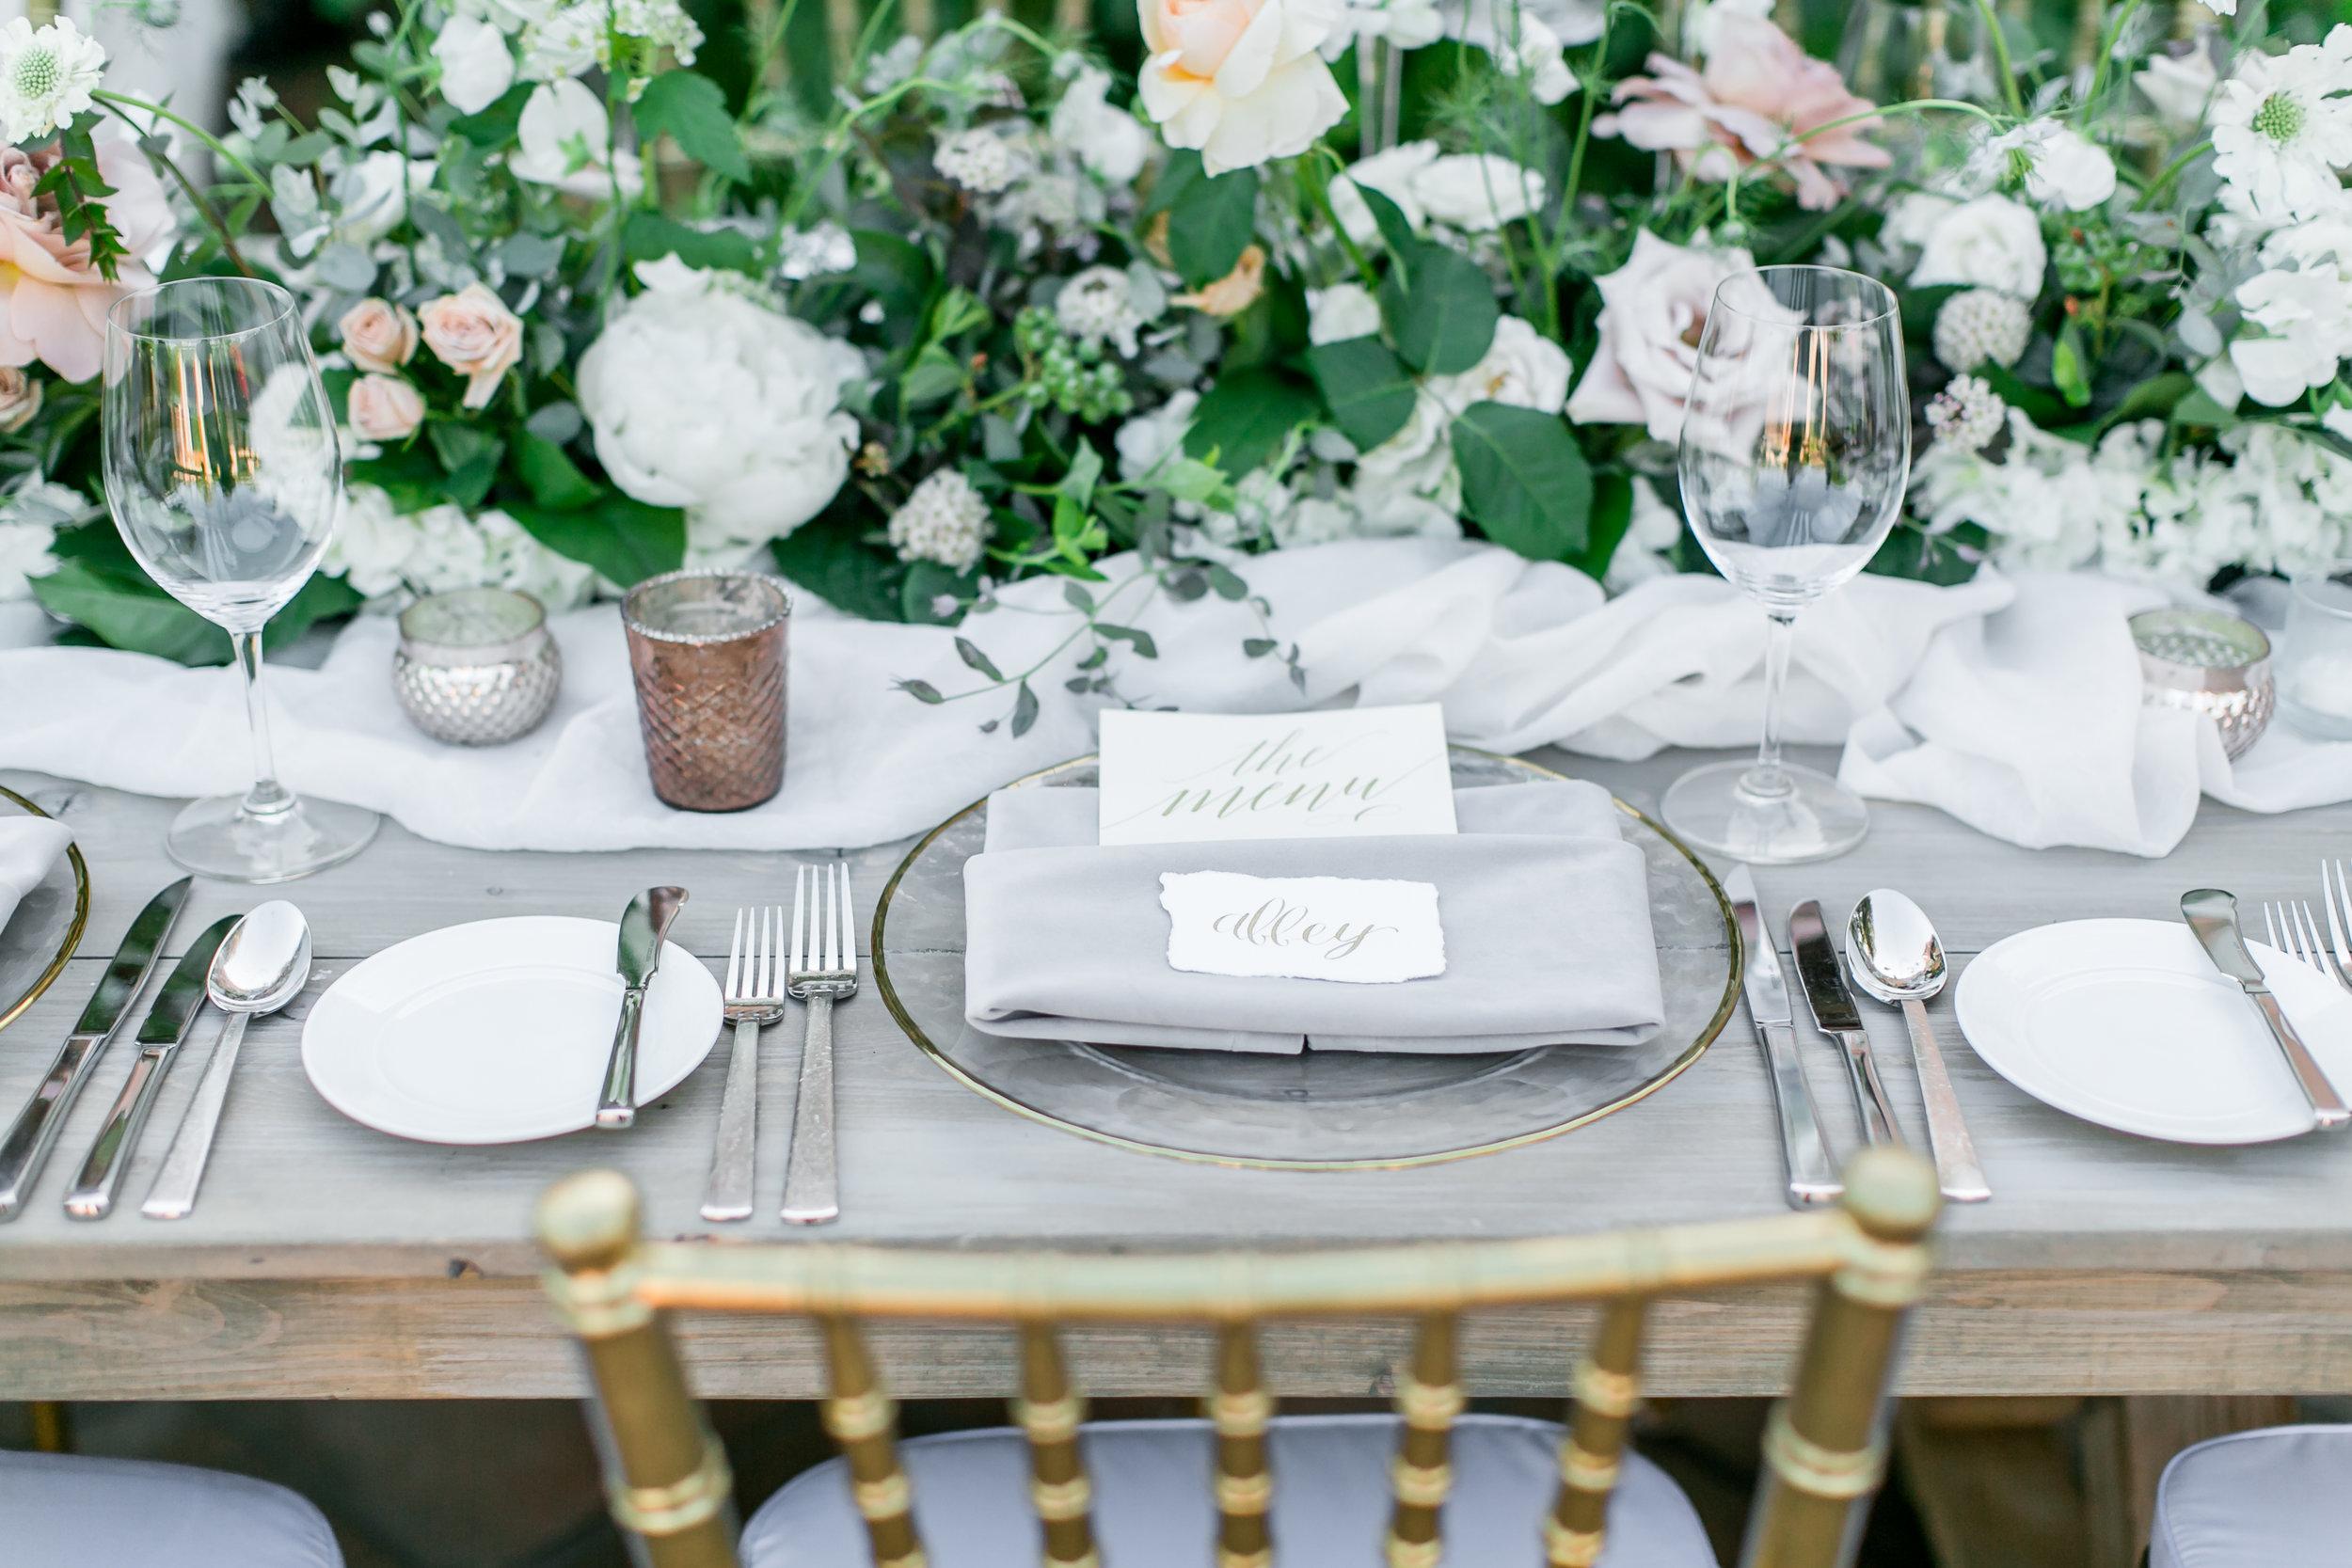 Julie_Ferneau-blooms-rancho-valencia-ribeau-wedding-rancho-santa-fe-luxury-garden-wedding-21.jpg